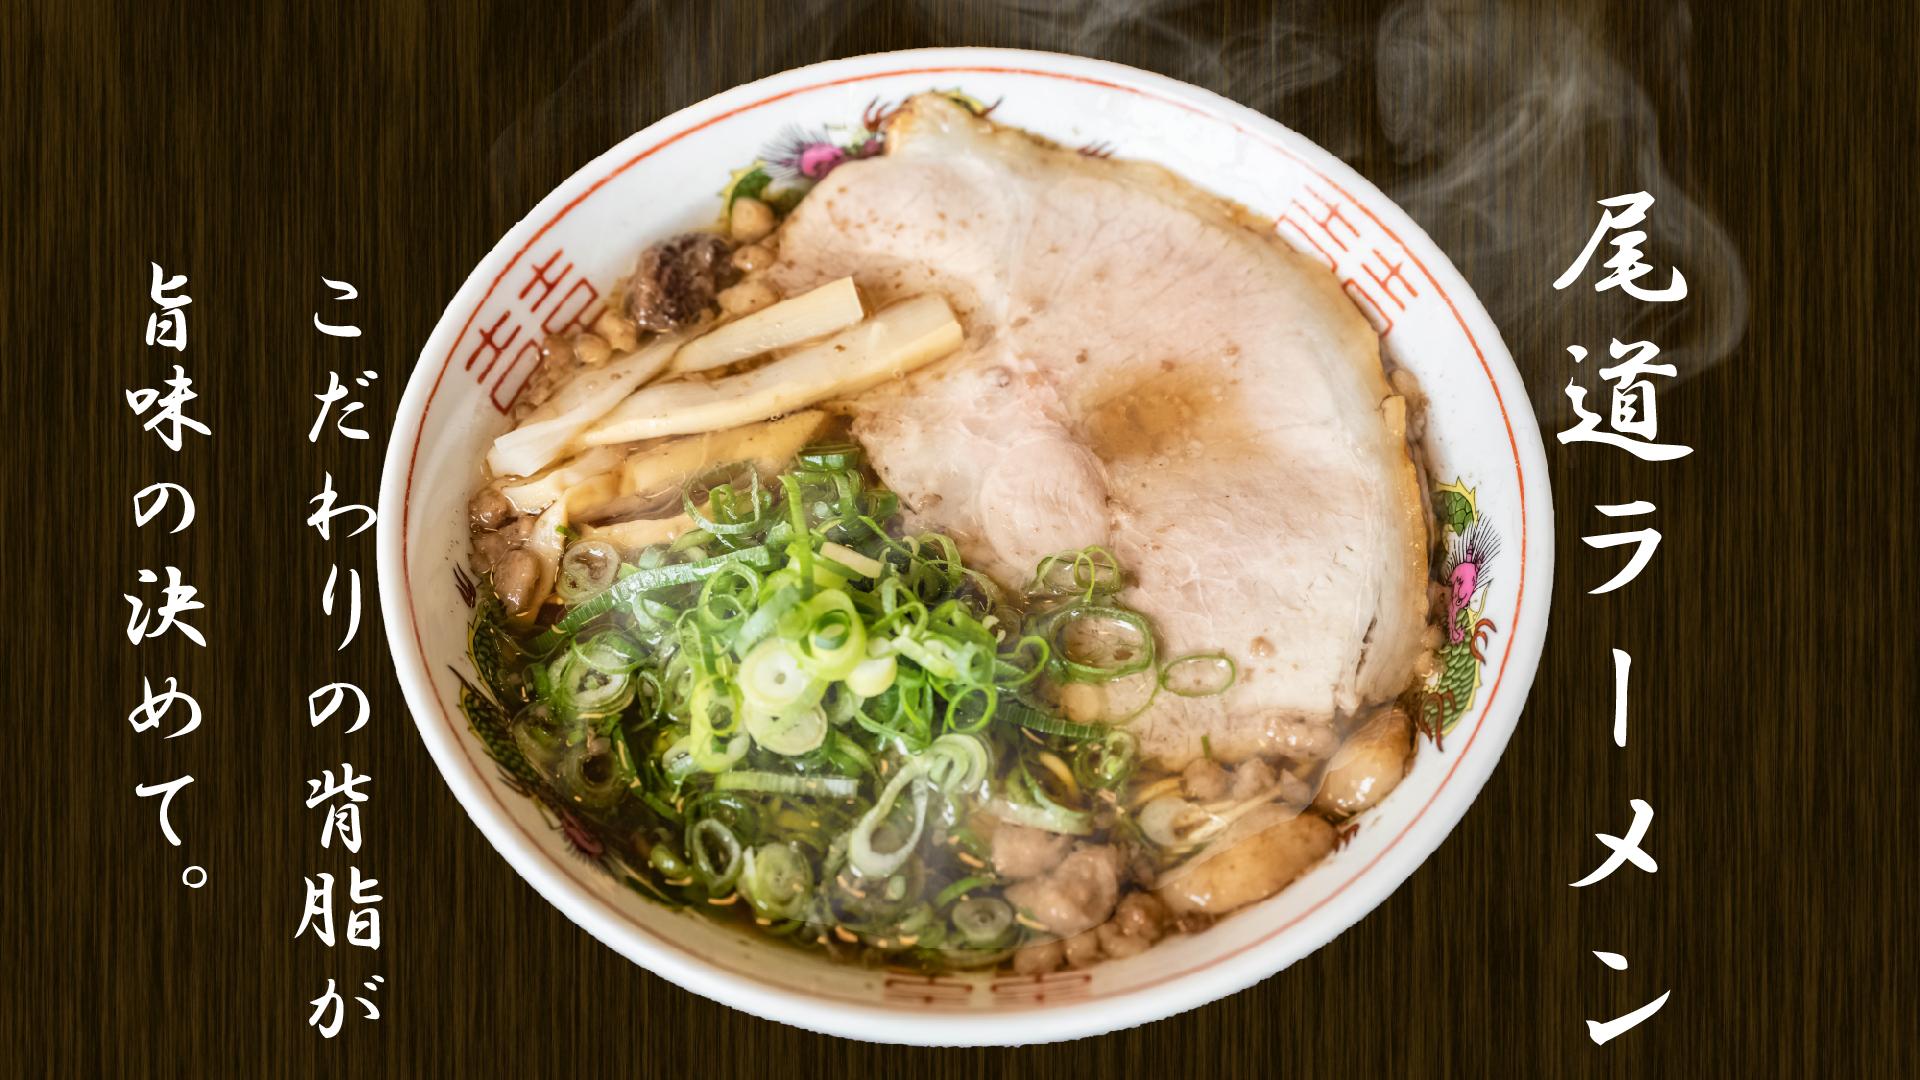 【公式】尾道ラーメン 牛ちゃん尾道店